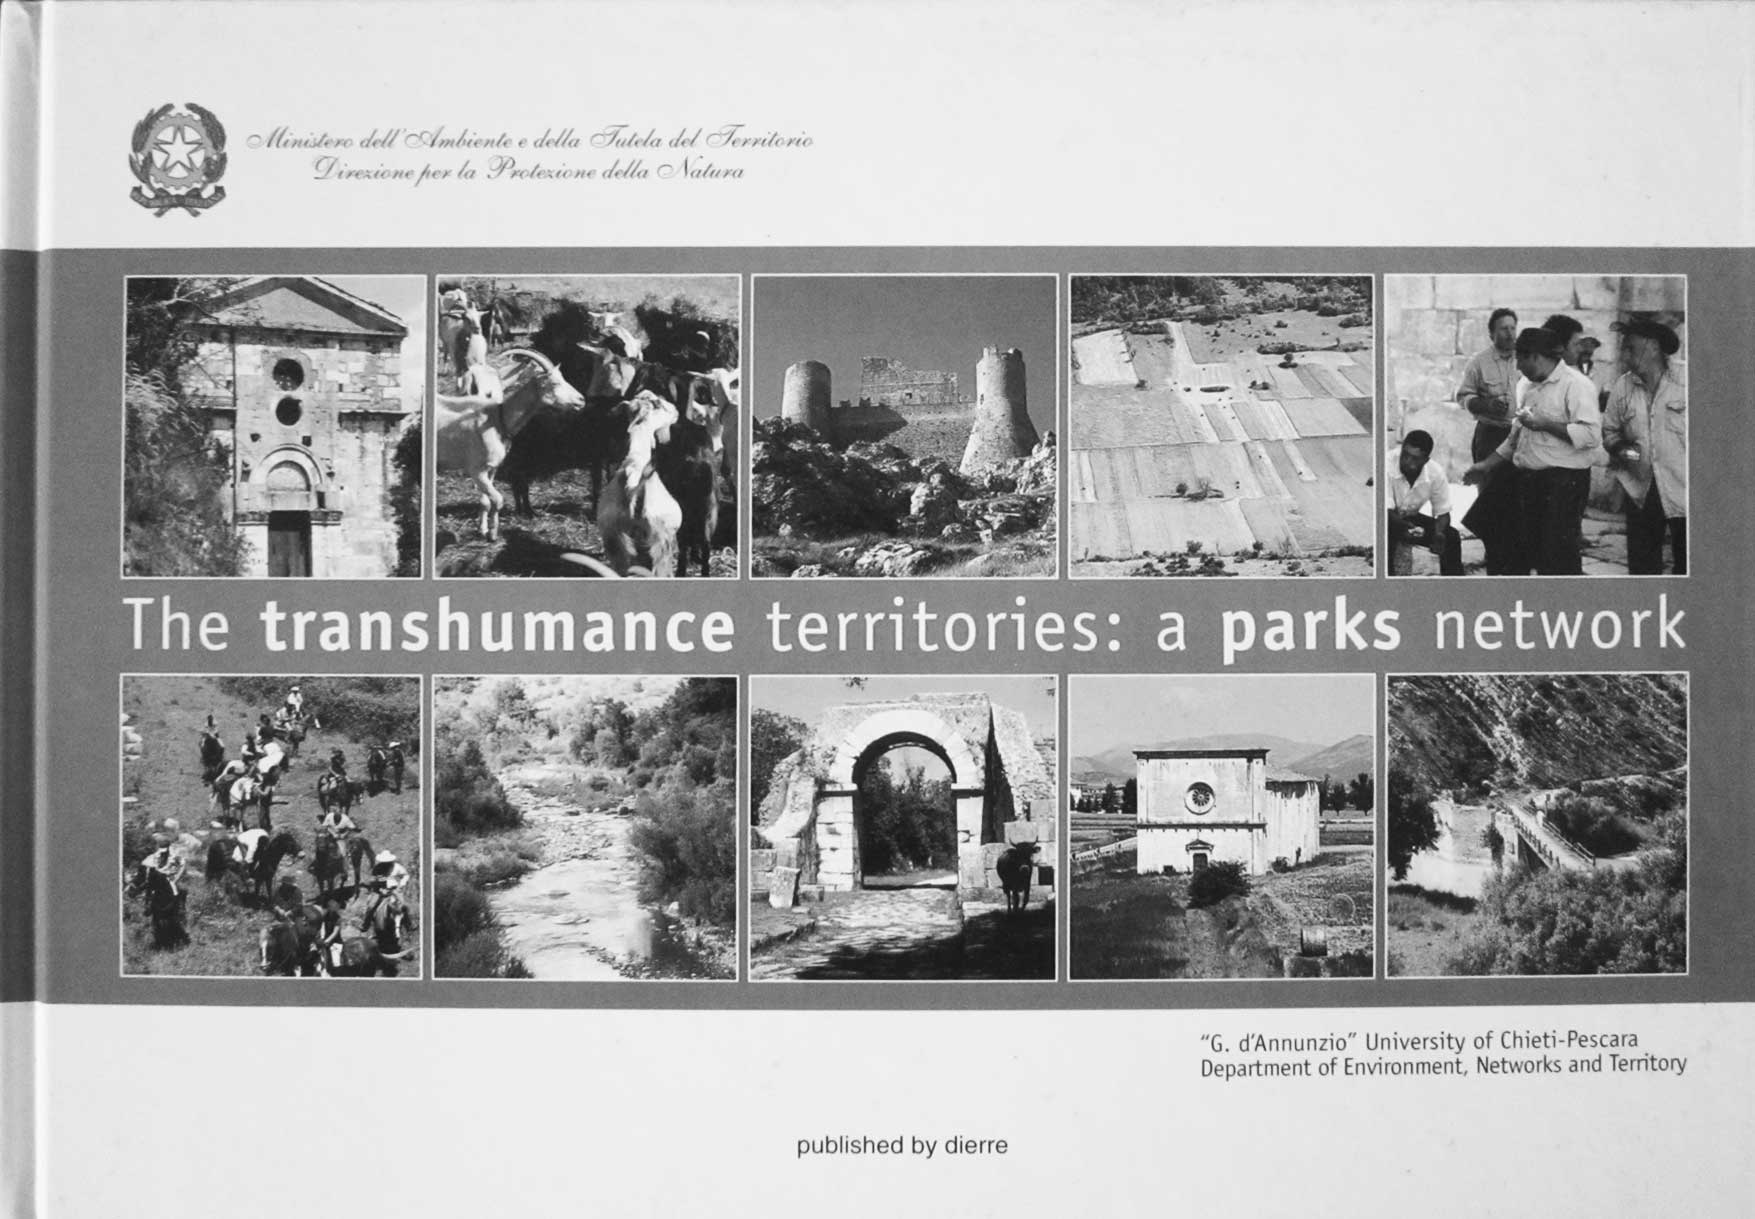 13 - The transhumance territories: a parks network, Ministero dell'Ambiente, Dierre Edizioni, S. Salvo (CH) 2004; con B. Di Rico e V. Fabiett - Copertina